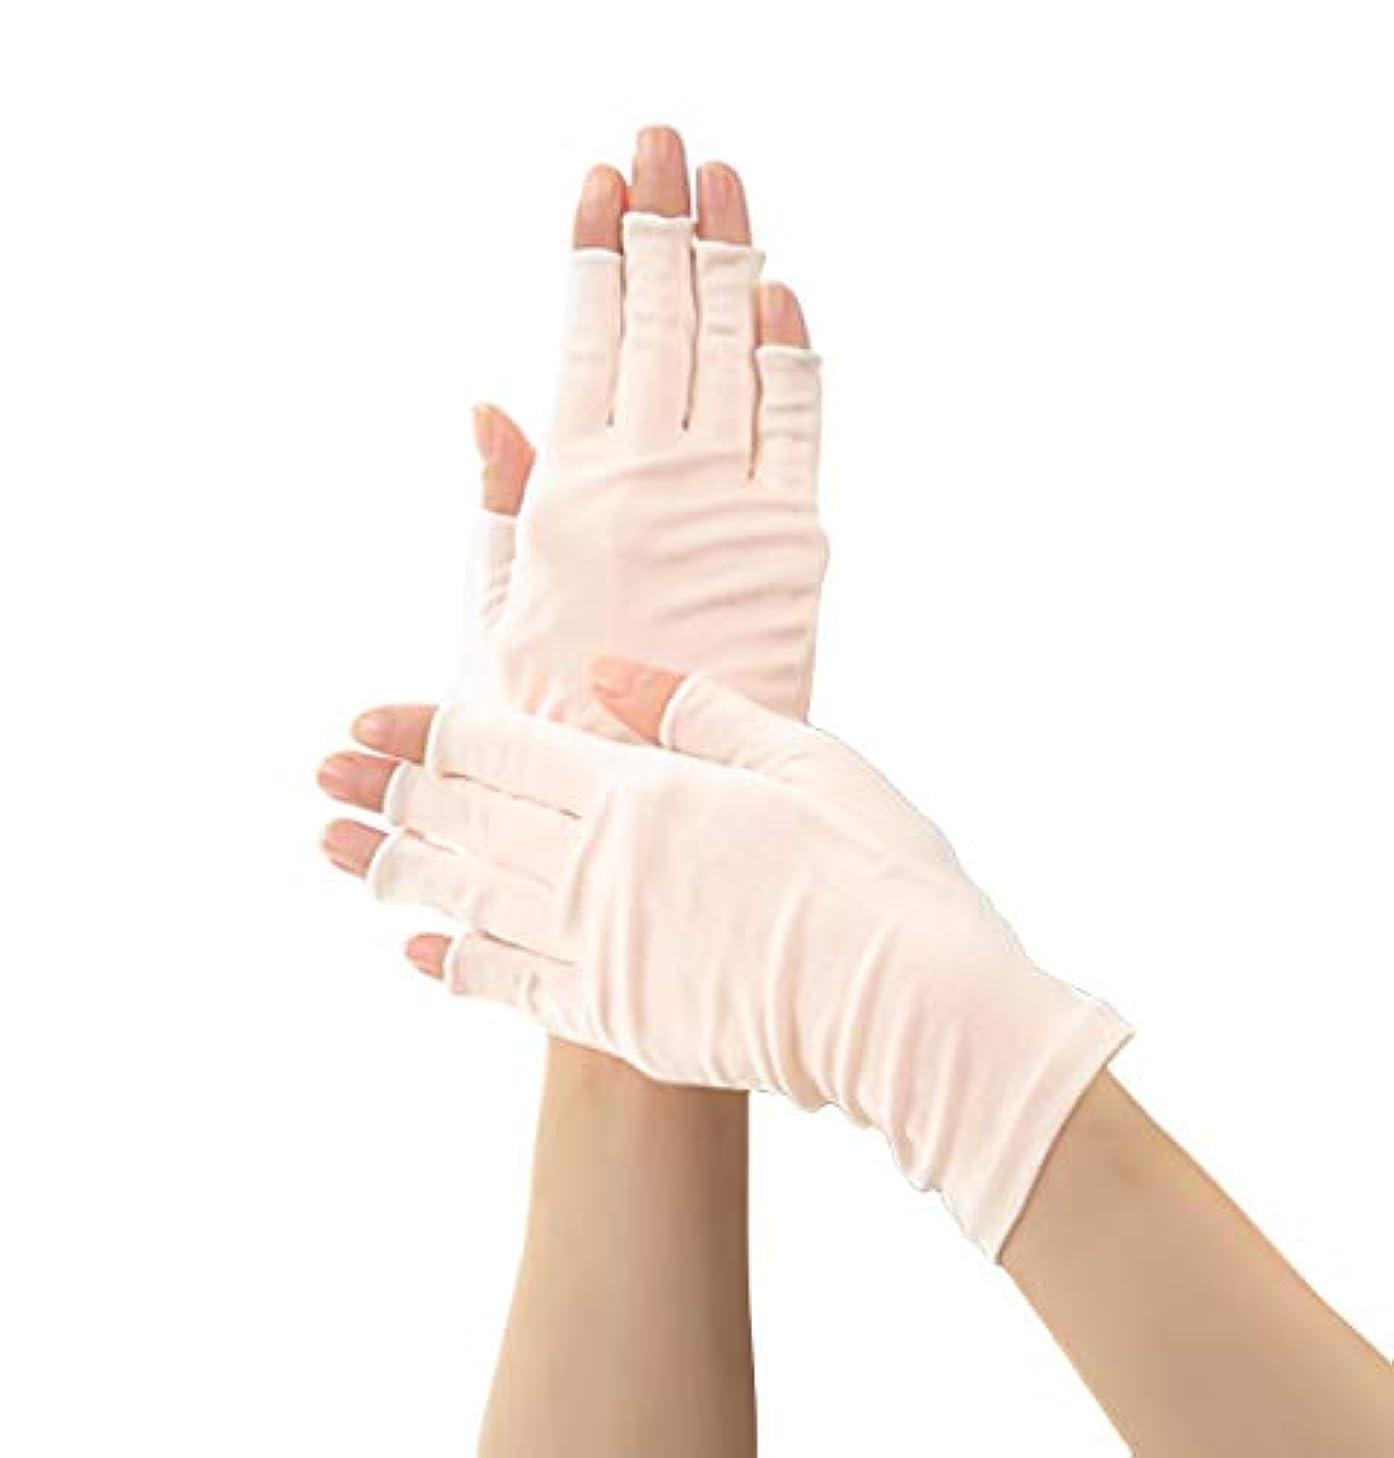 威する病気だと思う混乱させるSilk 100% シルク 手袋 指先カット タイプ 薄手 オールシーズンOK 外出時の 紫外線 UV 対策 スマホ PC 操作 や ICカード 取り出しもらくらく! 手首 ゆったり おやすみ フィンガーレス スキンケア...